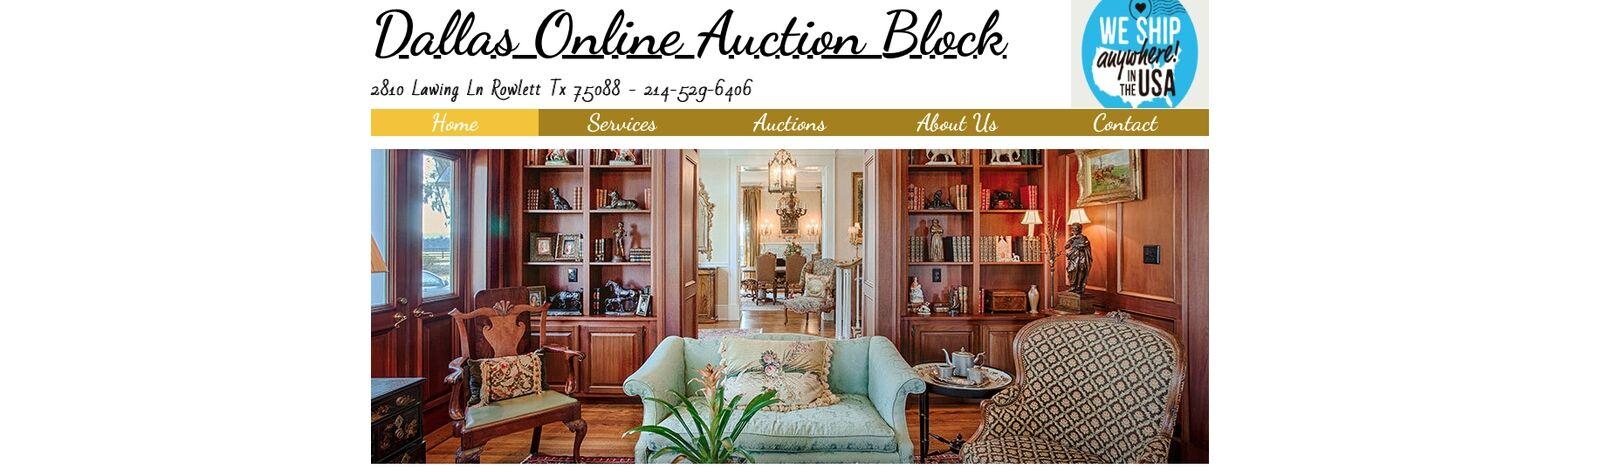 Dallas Online Auction Block